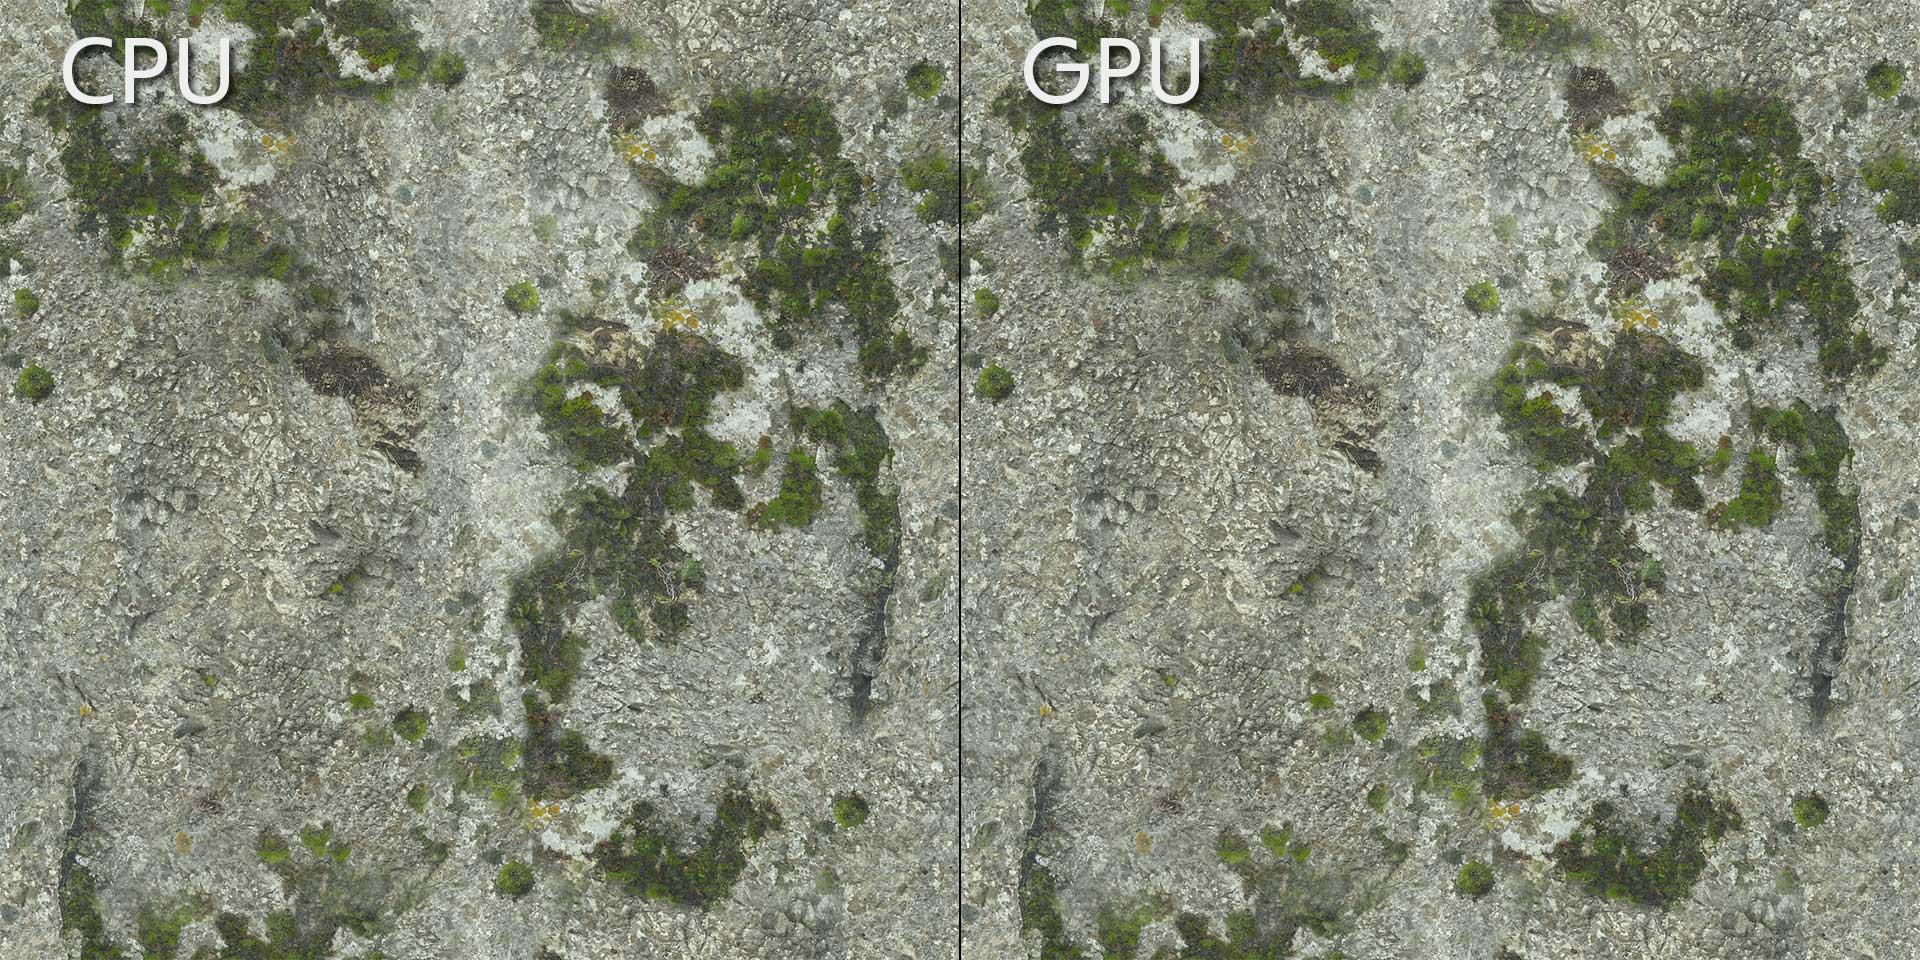 Compare CPU and GPU